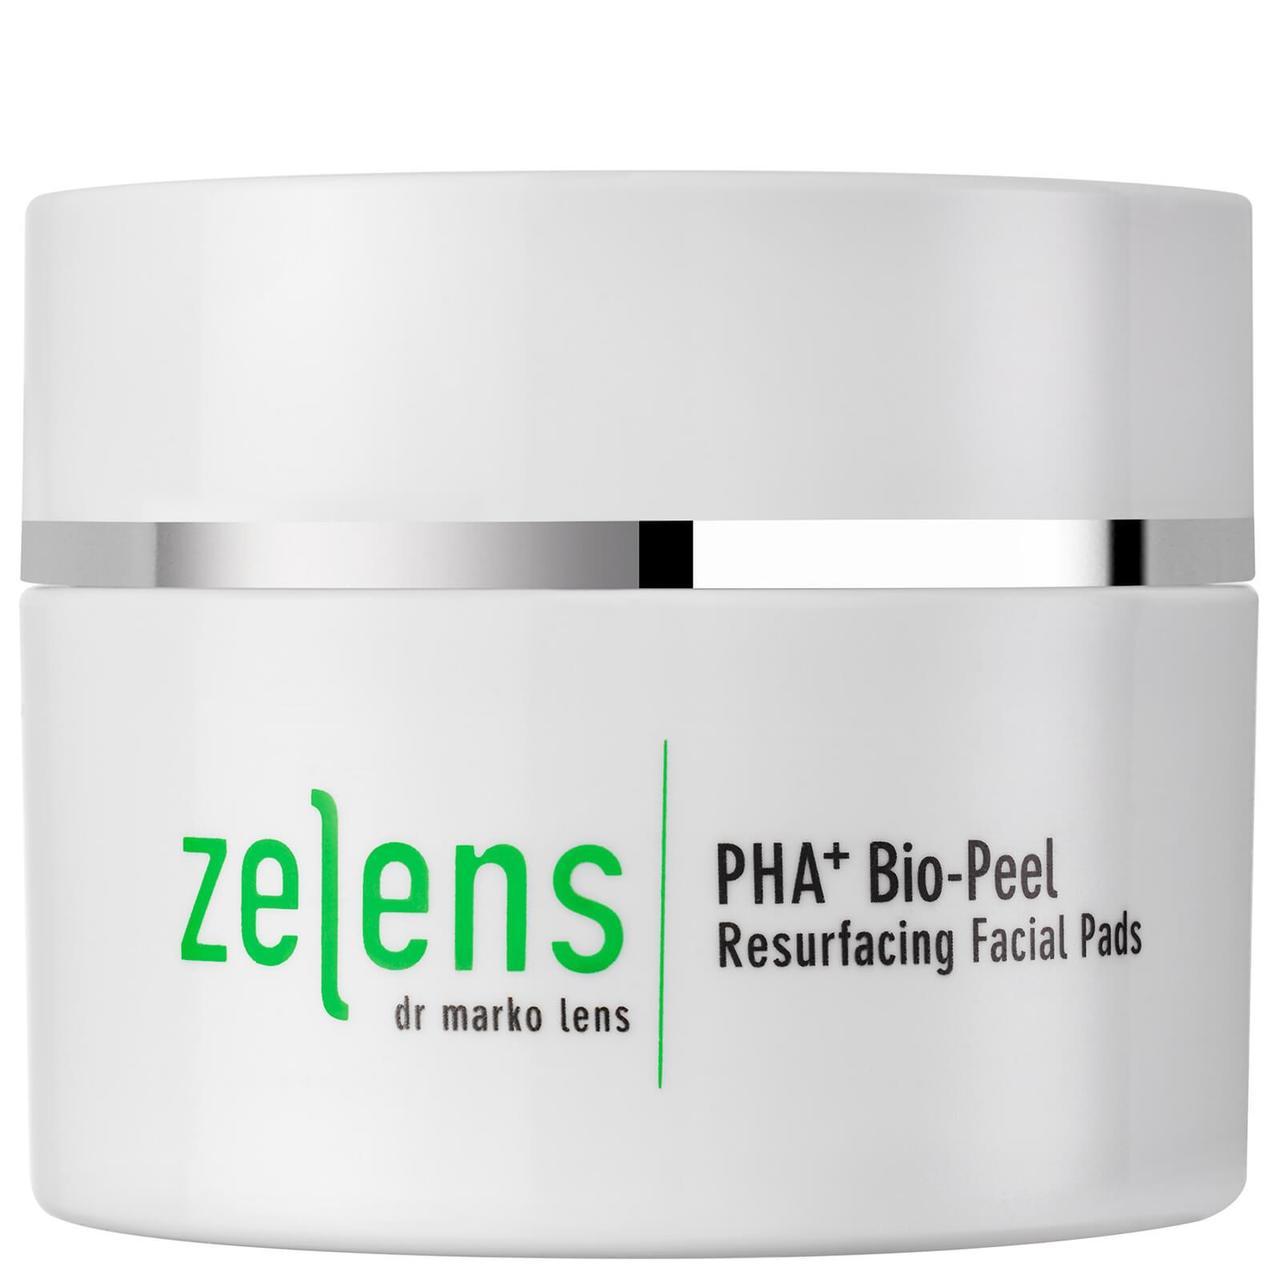 An image of Zelens Pha+ Bio Peel Resurfacing Facial Pads